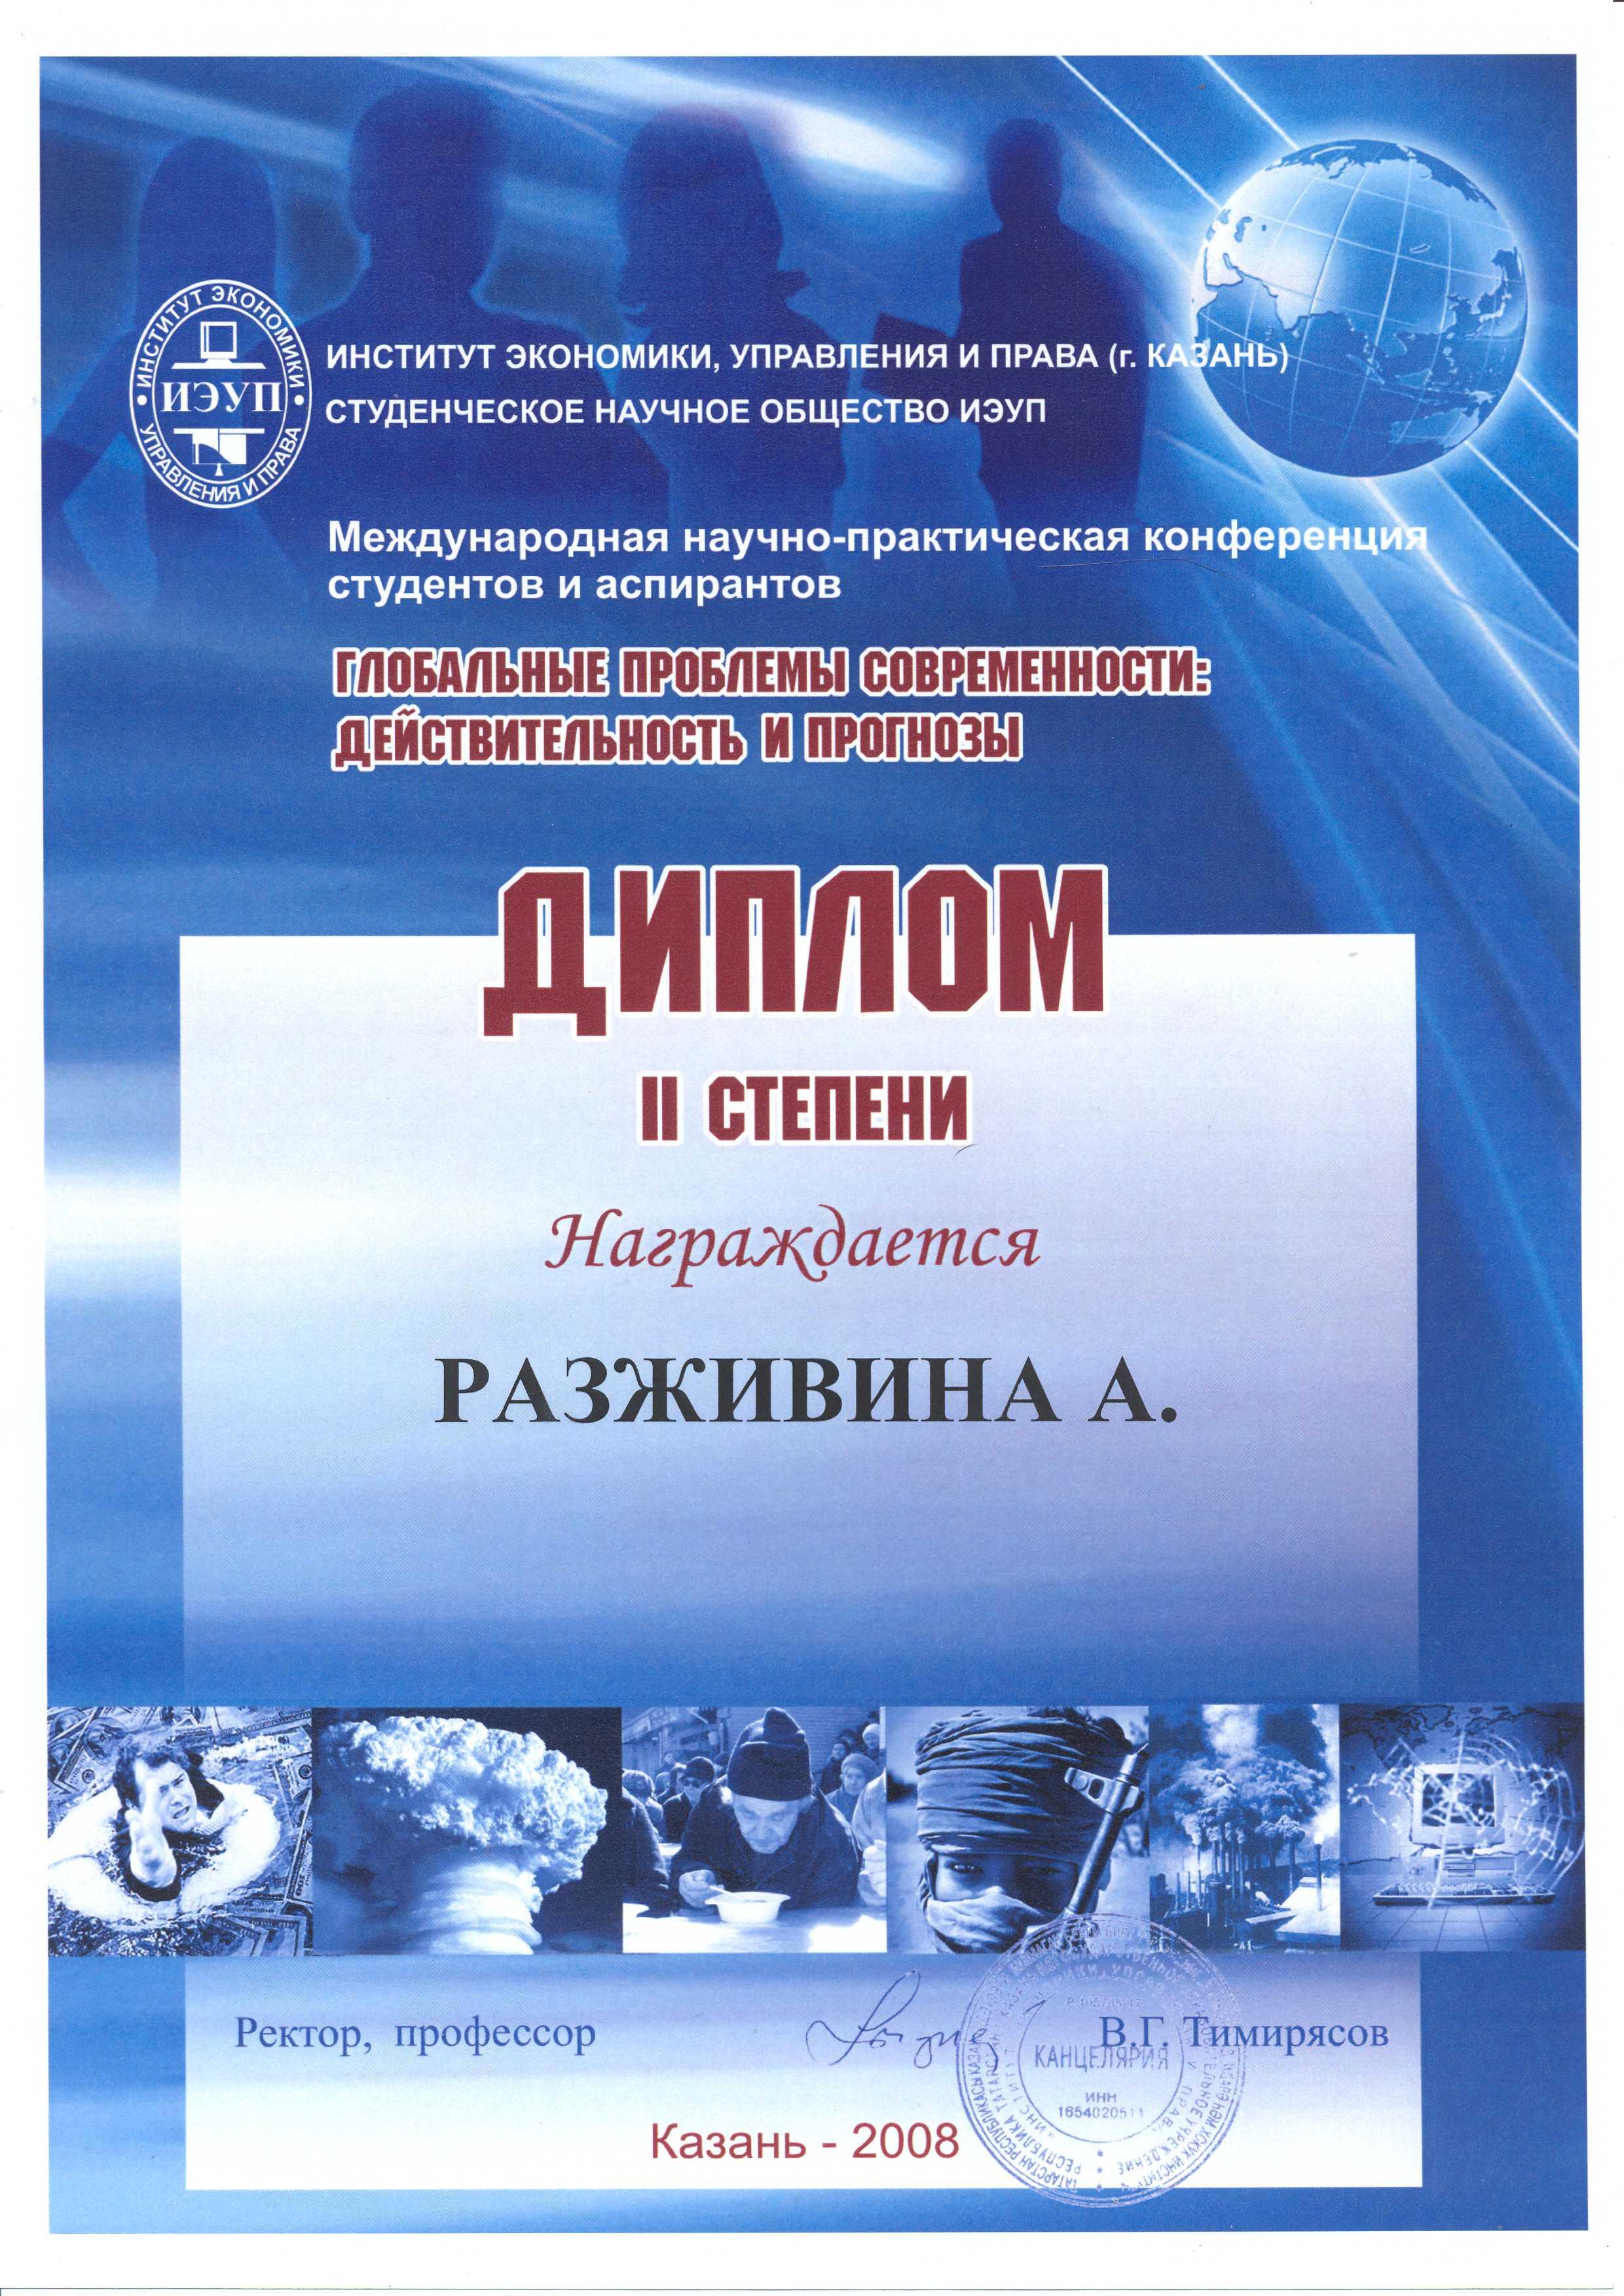 Дипломы и сертификаты Бухгалтерские услуги в Ярославле Услуги для организаций и ИП